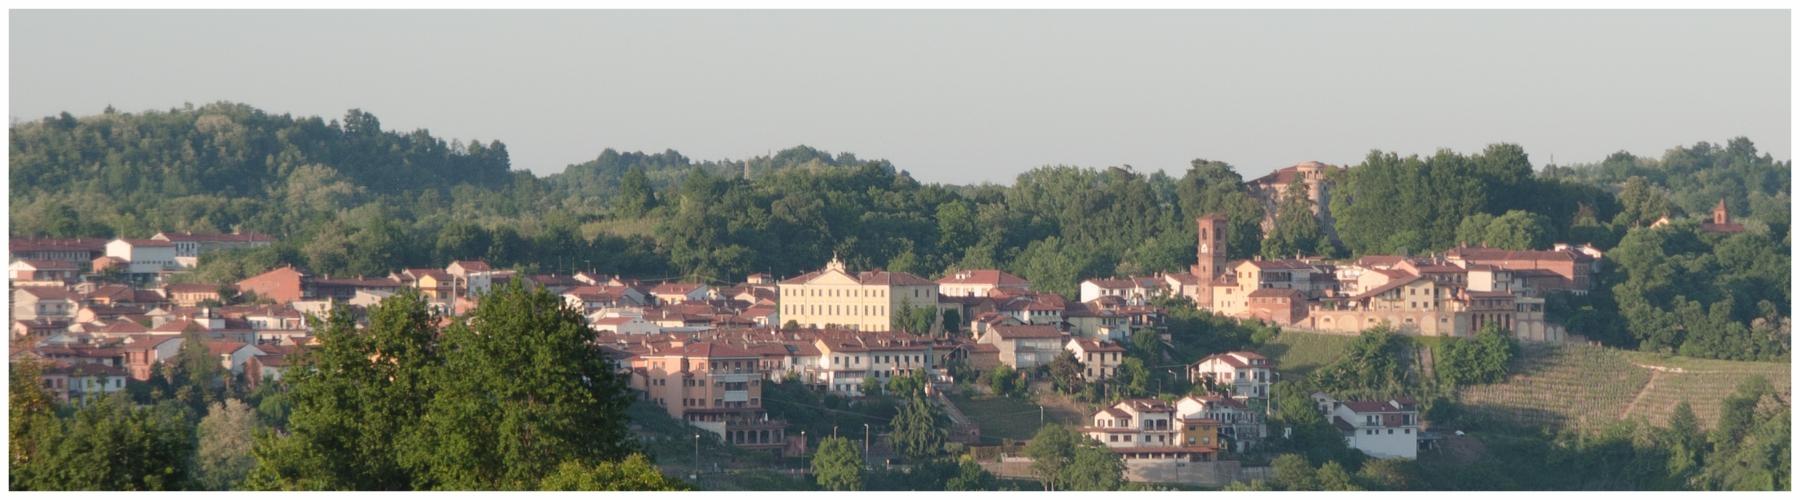 comune di montà langhe roero piemonte ecomuseo castello.jpg